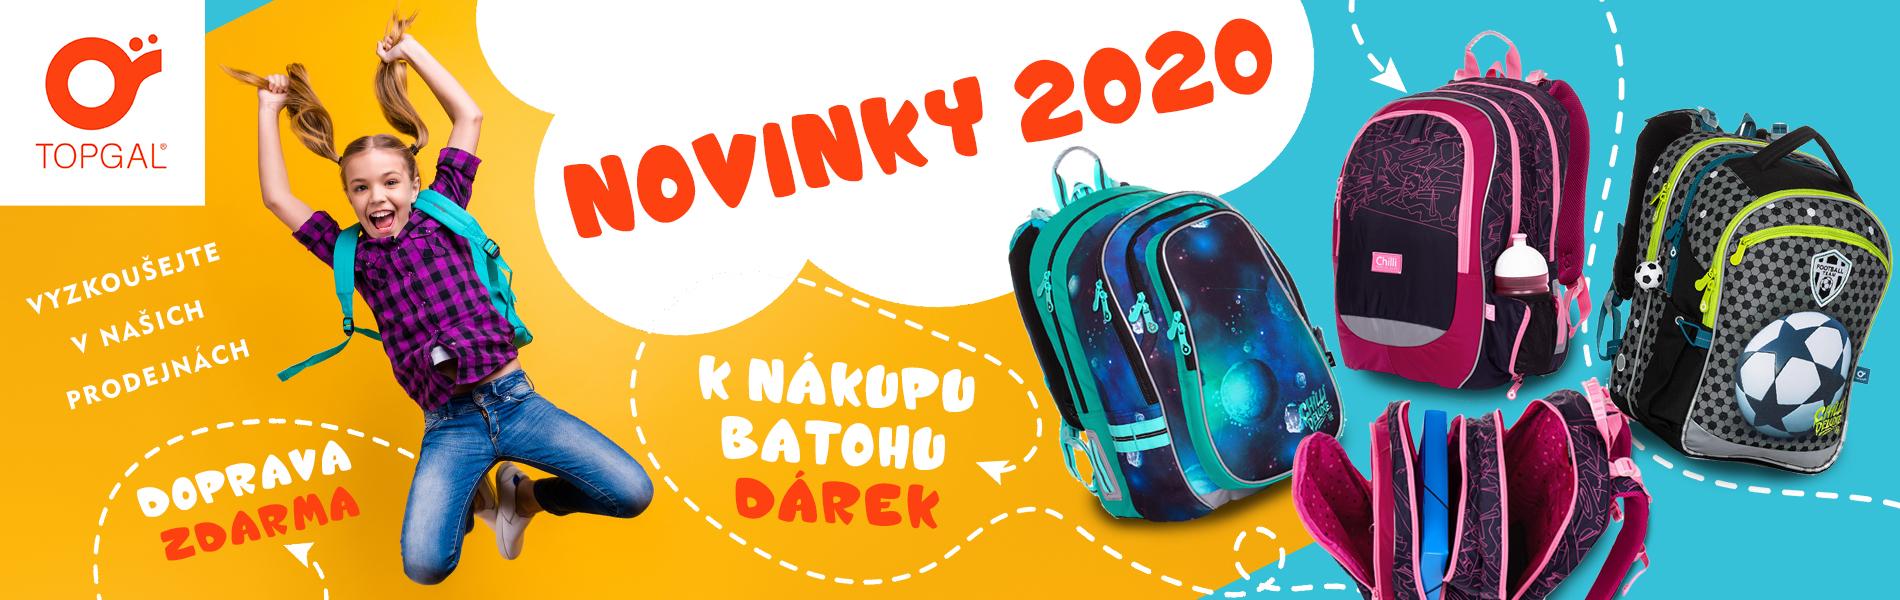 Školní batohy Topgal skladem s dopravou a dárkem zdarma